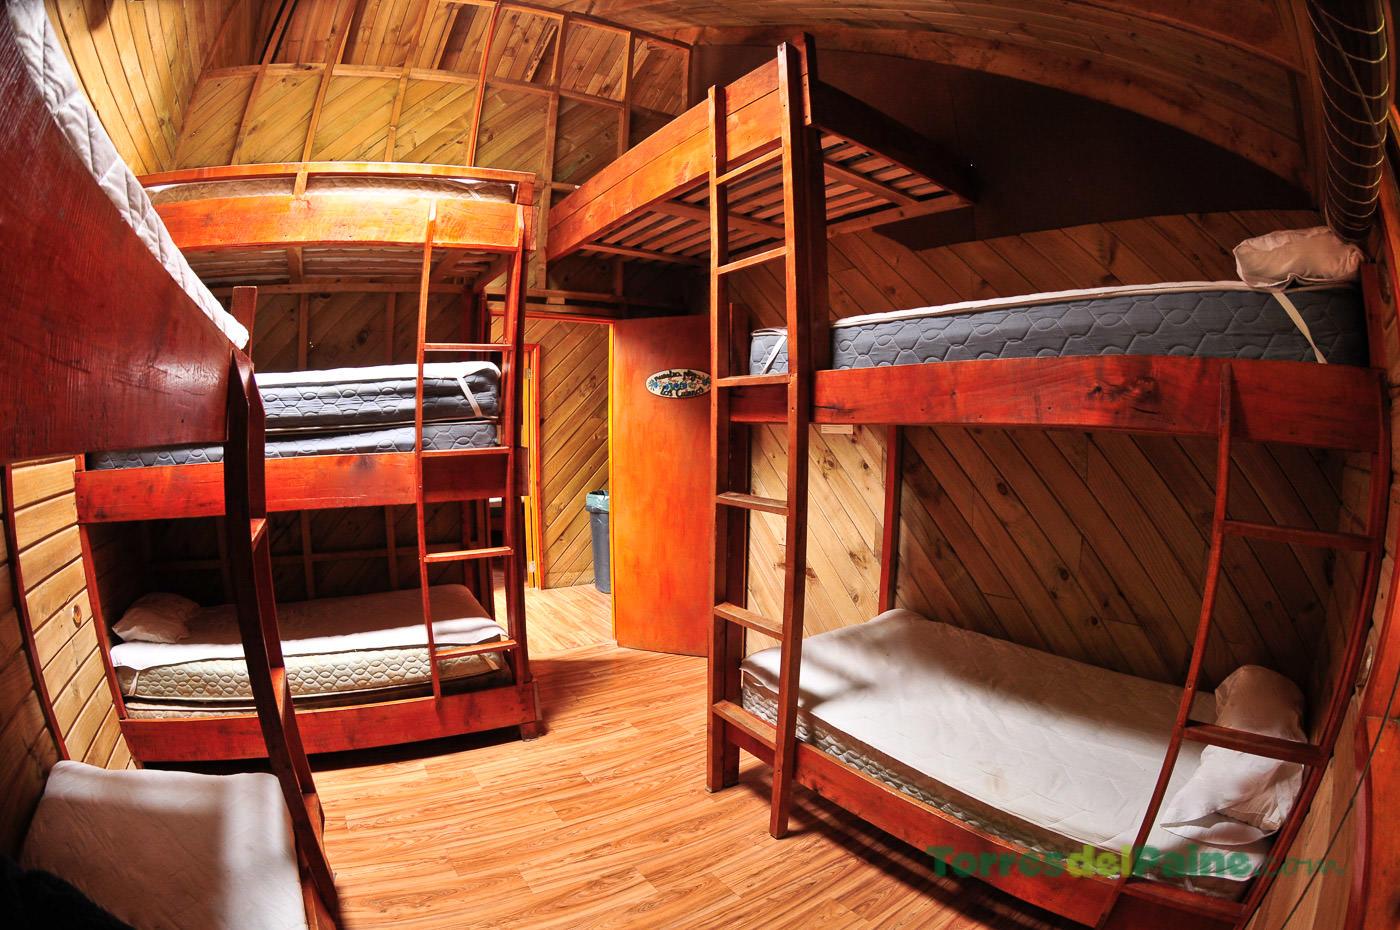 Refugio y camping el chileno torresdelpaine - Refugios y parasoles camping ...